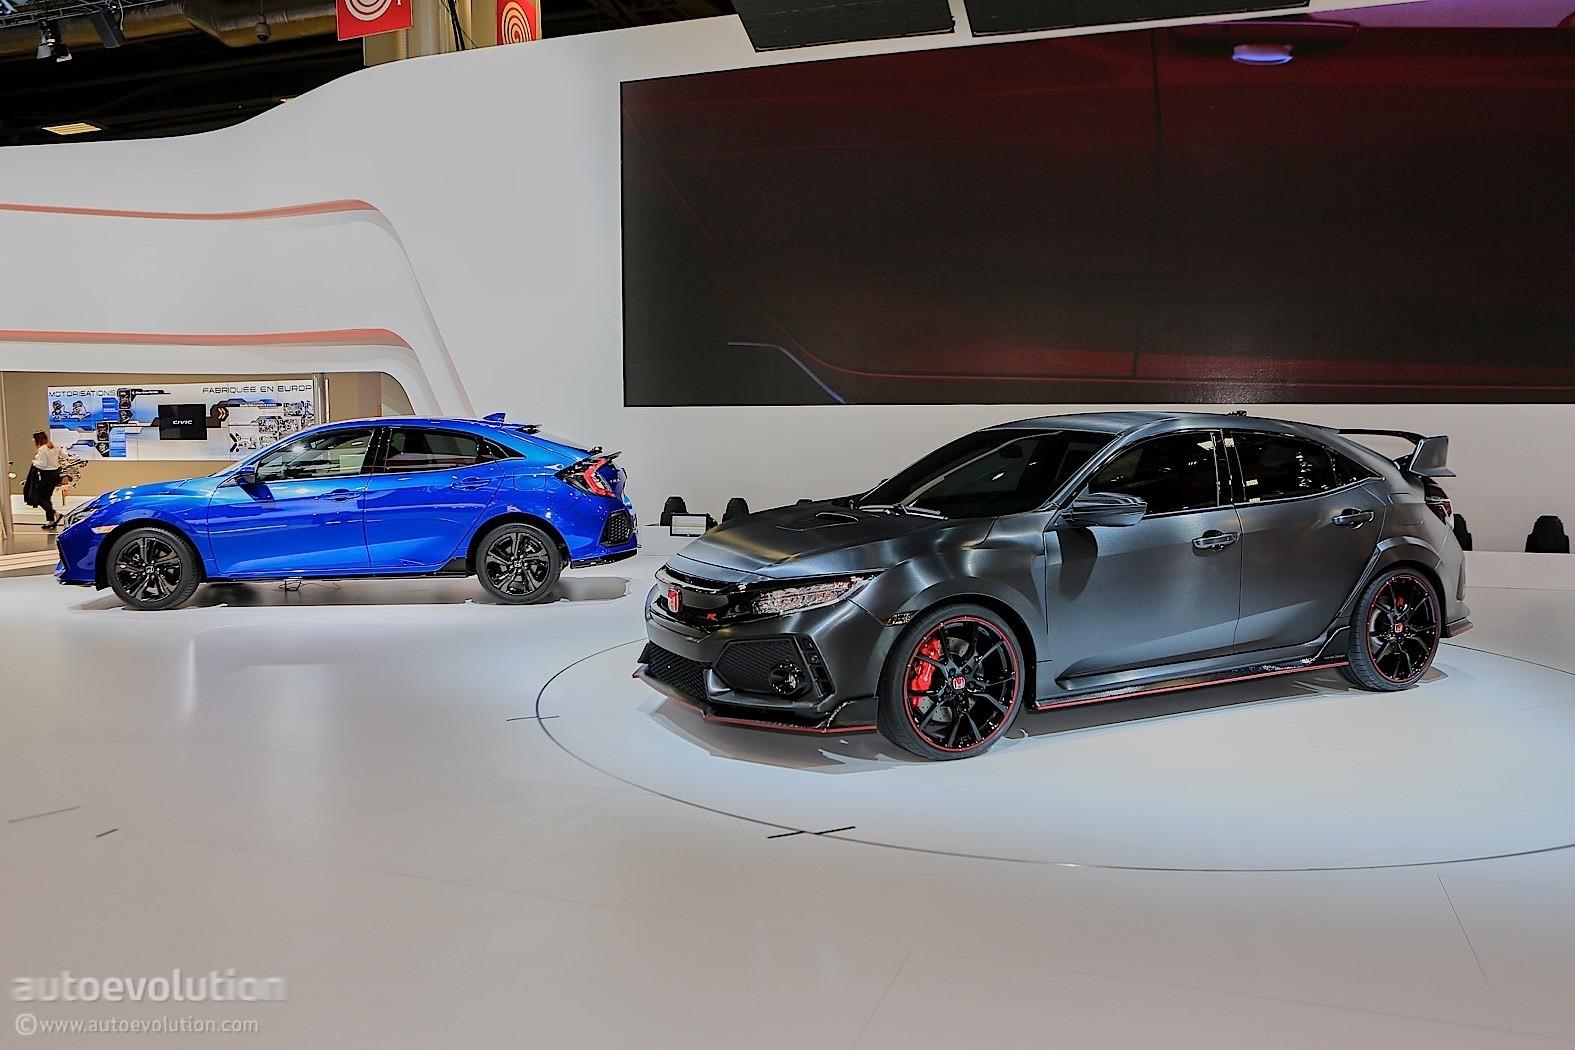 2018 Honda Civic Type R Flies on Nurburgring ahead of US Debut ...